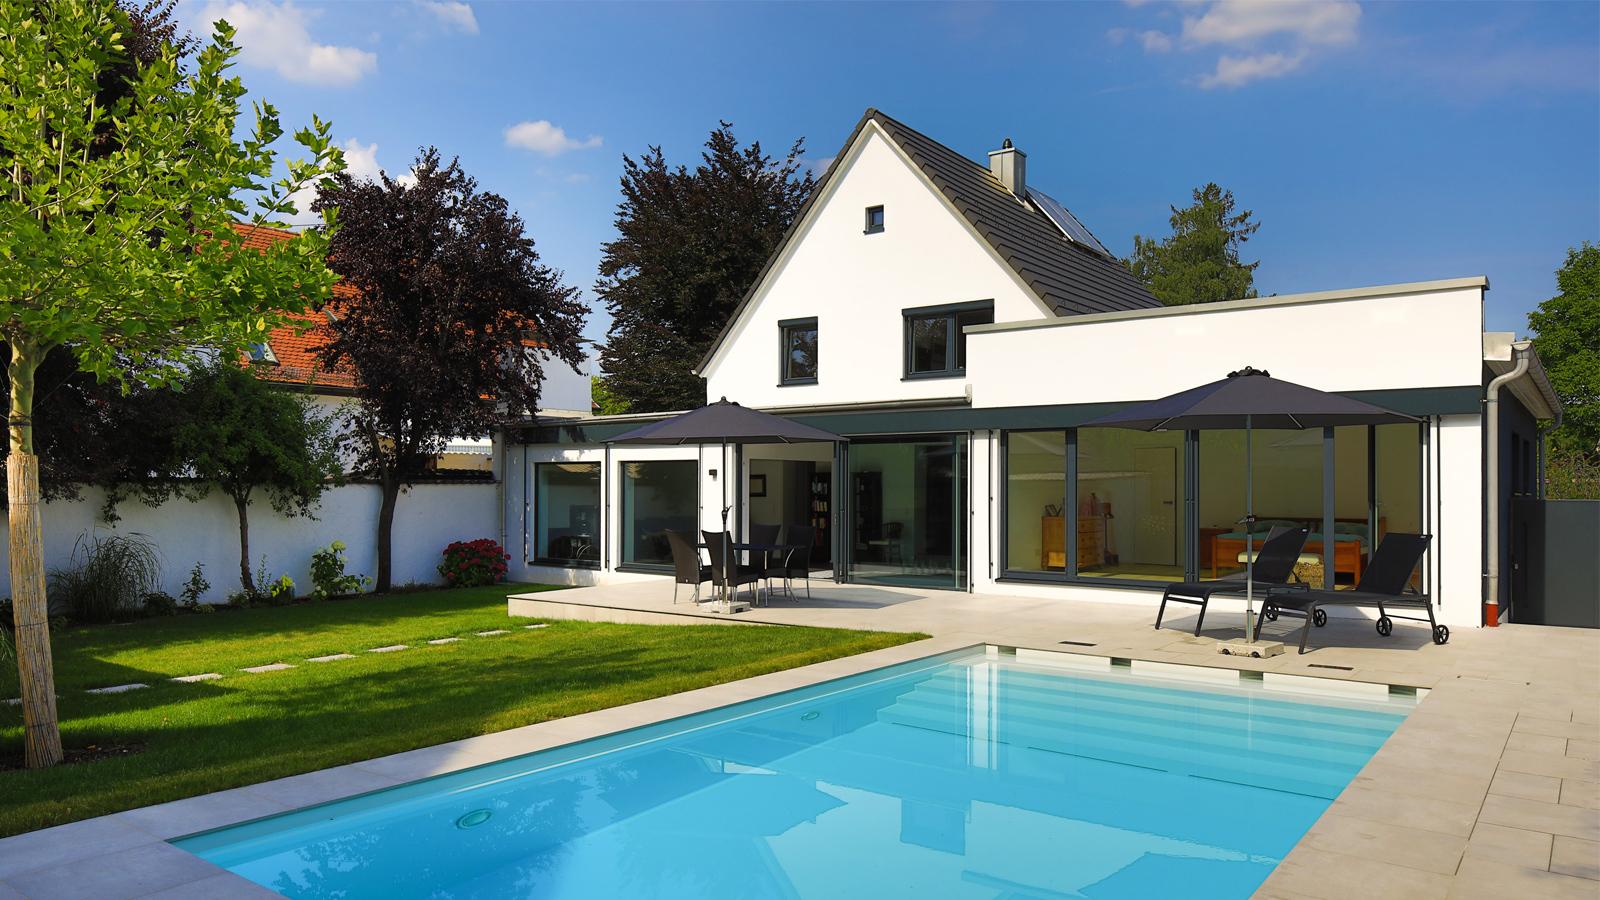 Pool_Wohnhaussanierung_Slider